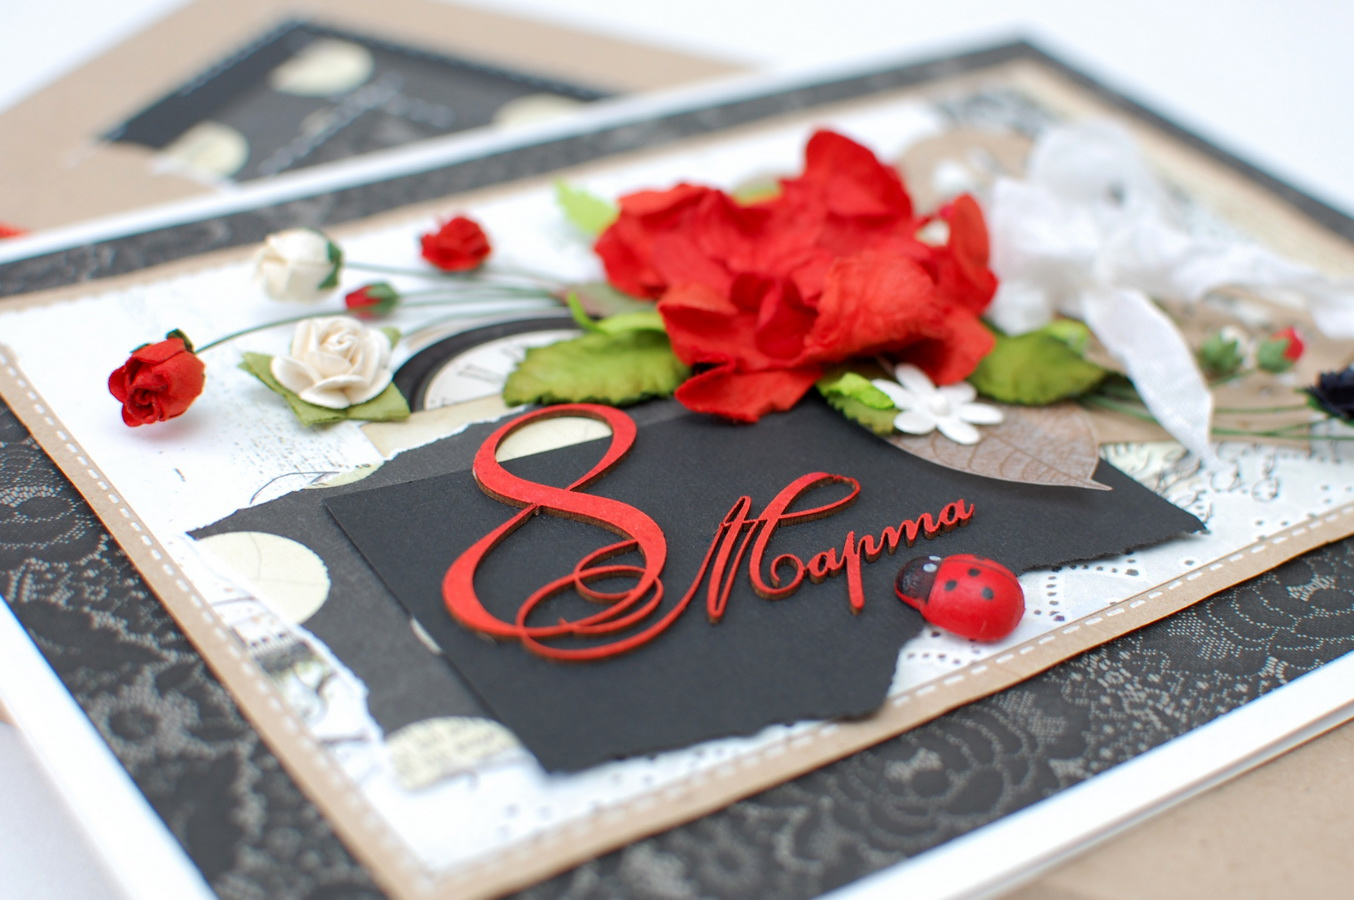 С 8 марта необычная открытка, свадьбой года